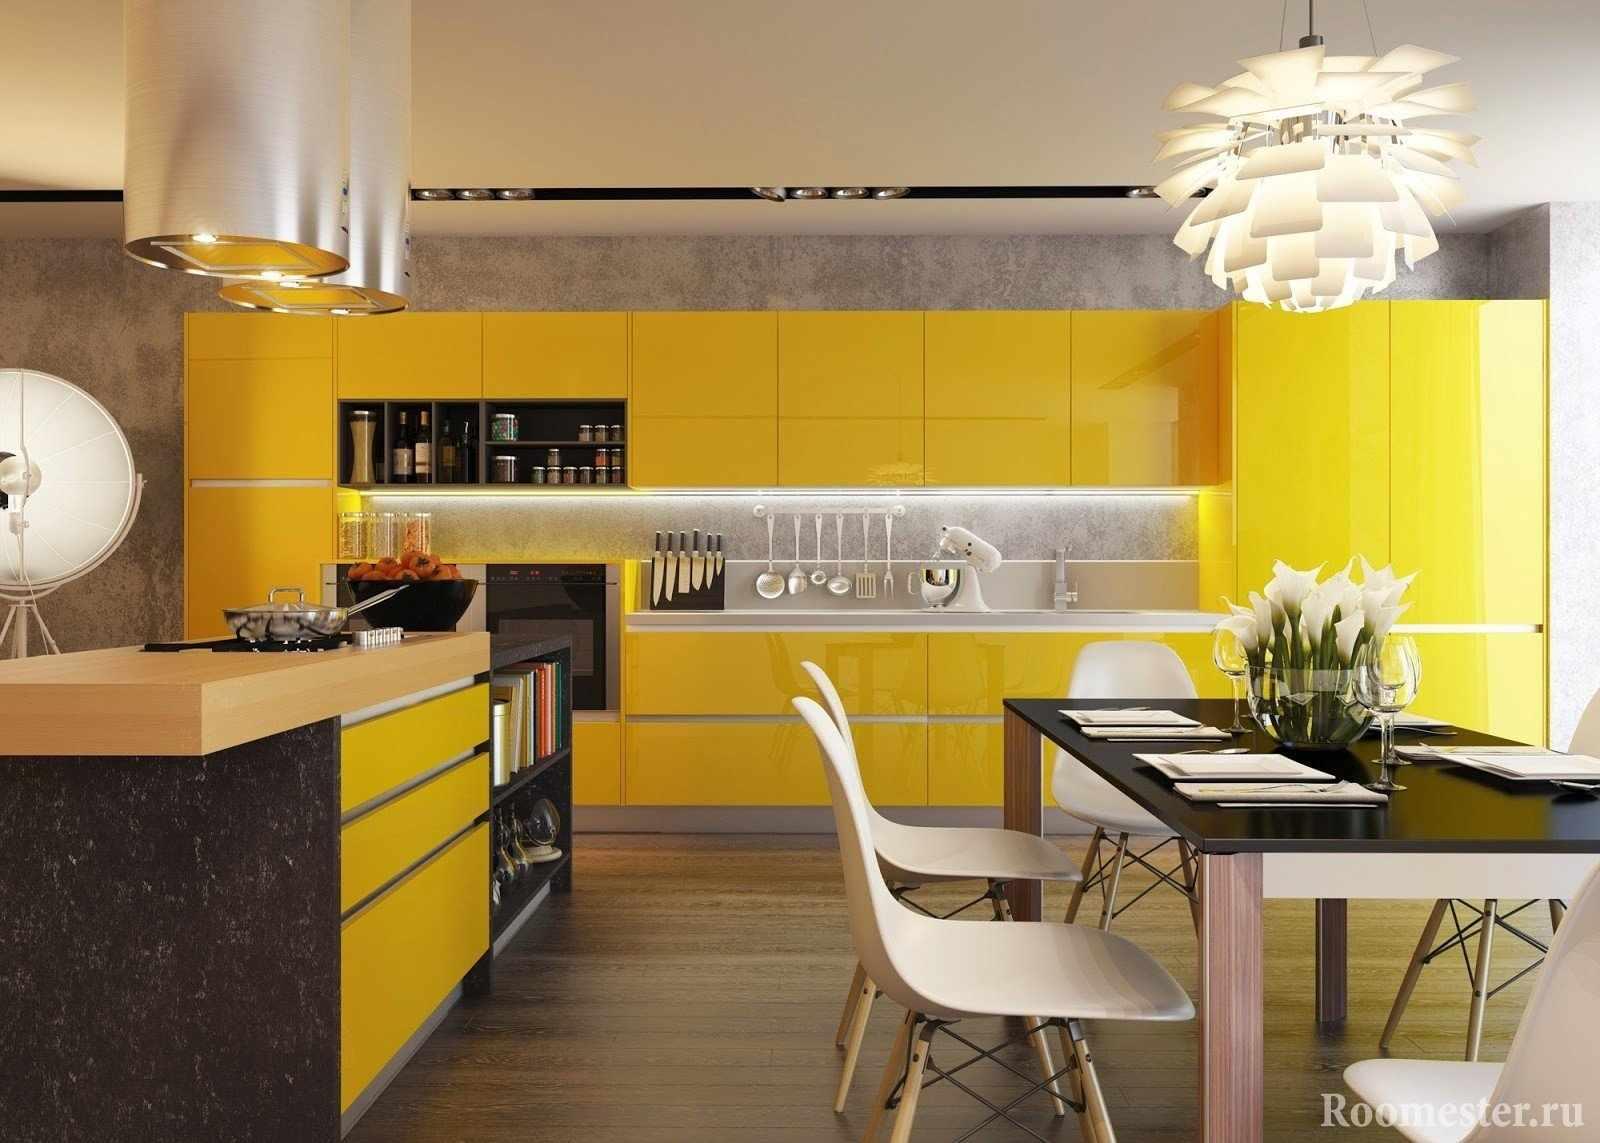 Кухня с желтыми фасадами и черным столом